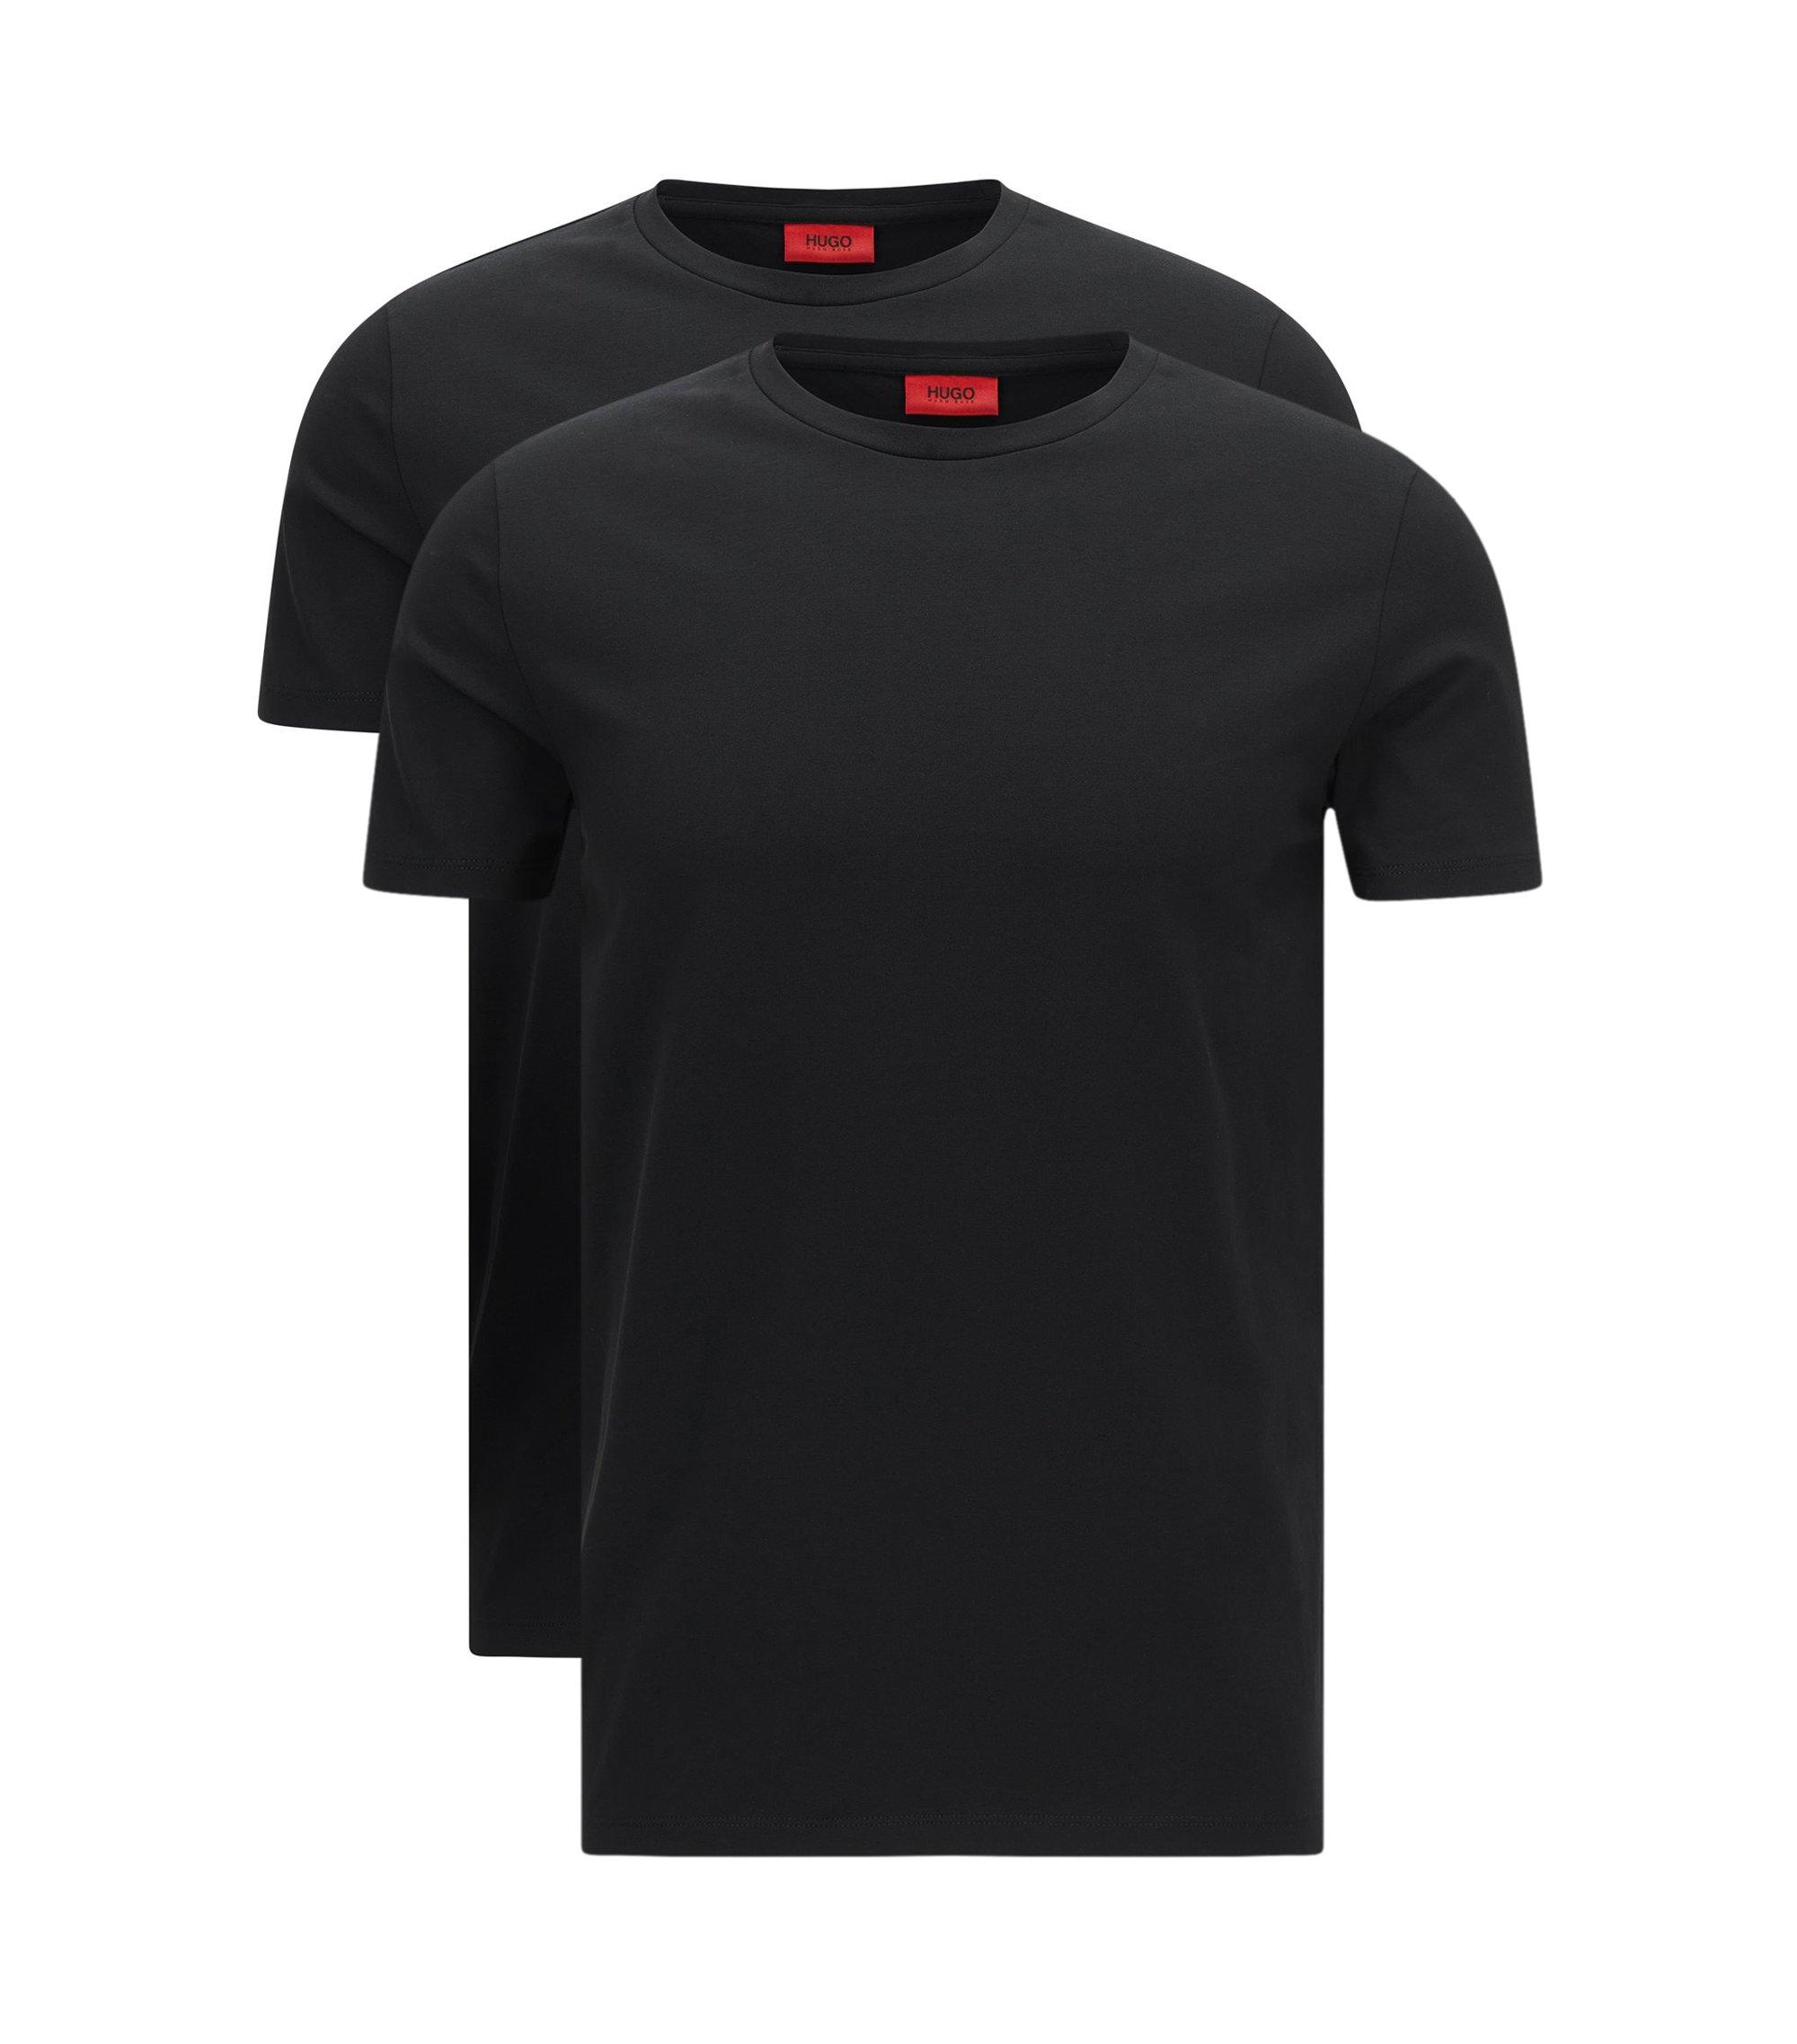 T-shirt a girocollo in cotone elasticizzato HUGO Uomo in confezione da due, Nero